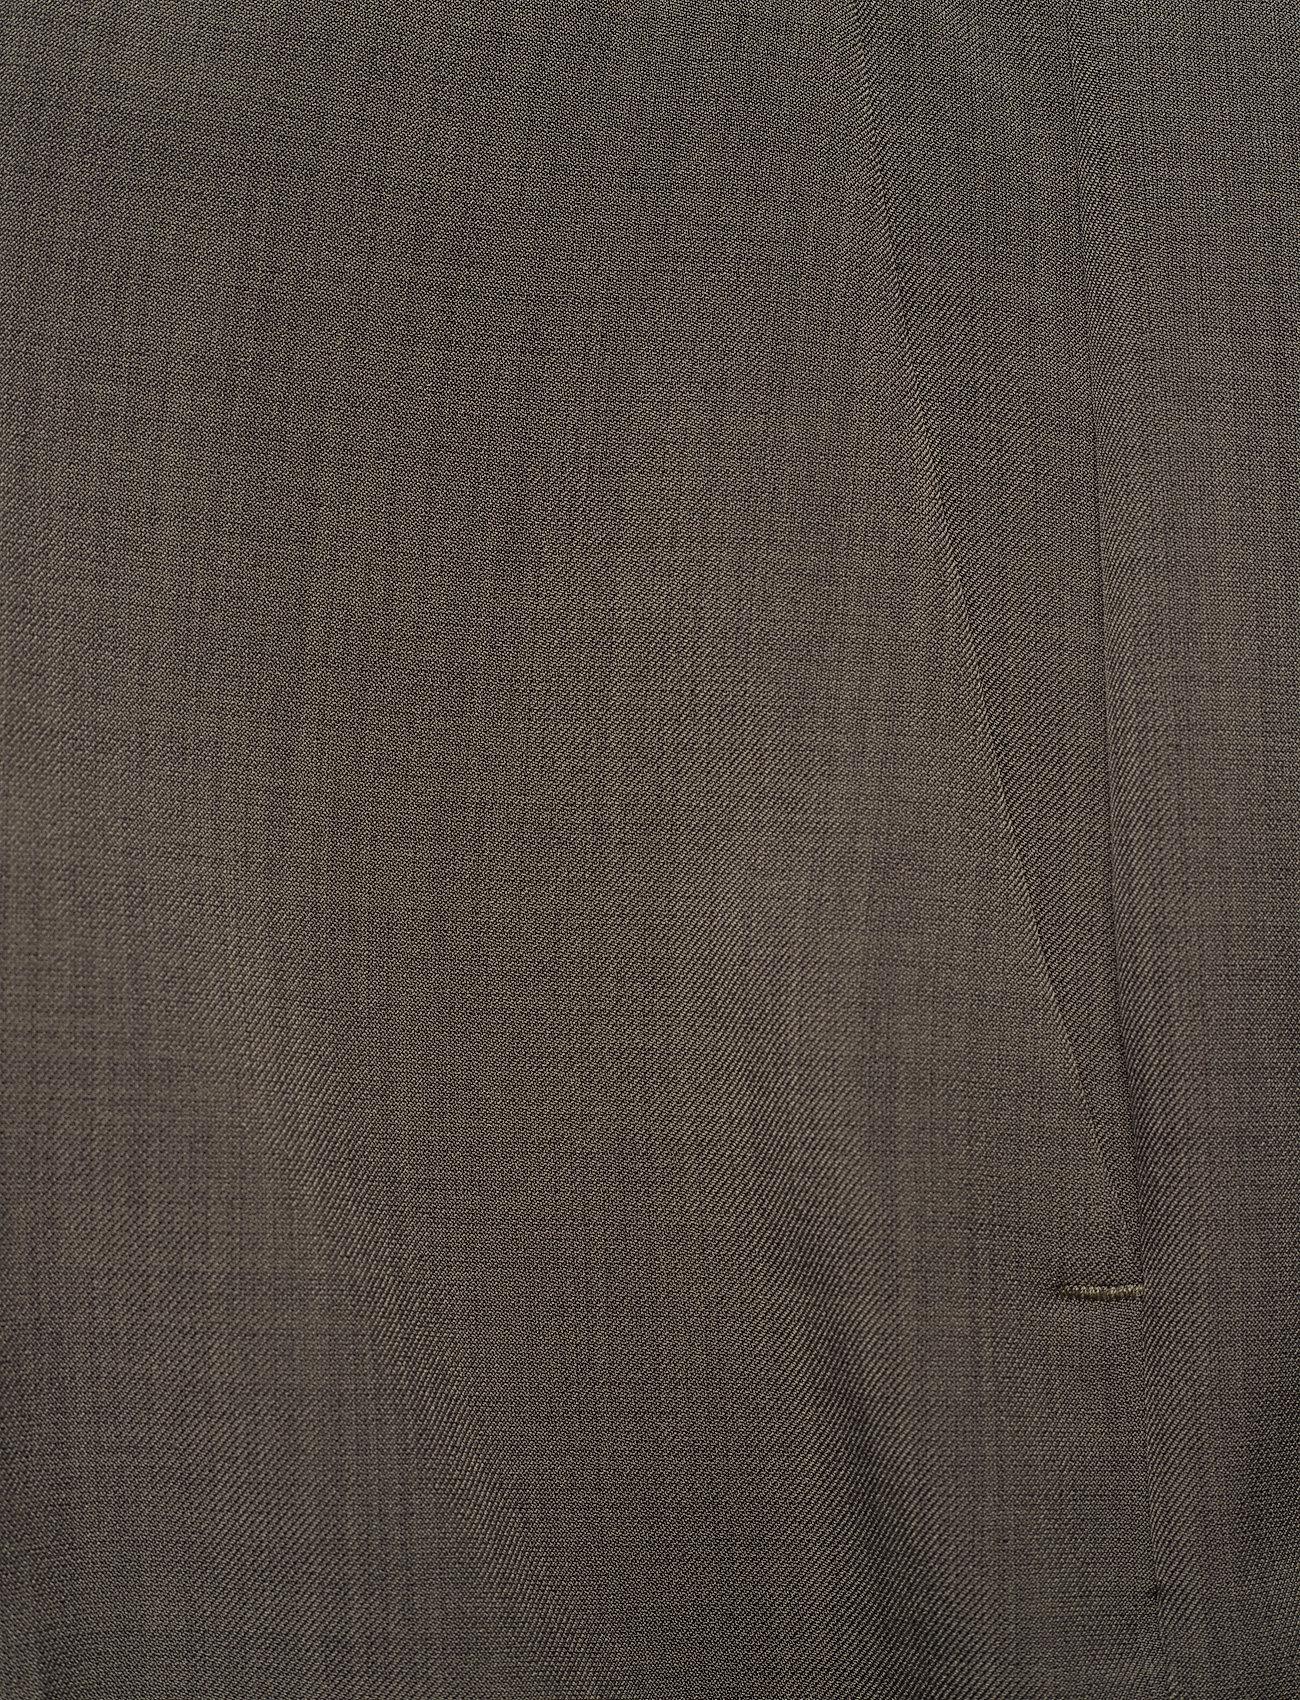 Clara 229 (Argan Melange Dash) (89.96 €) - FIVEUNITS qI1i1